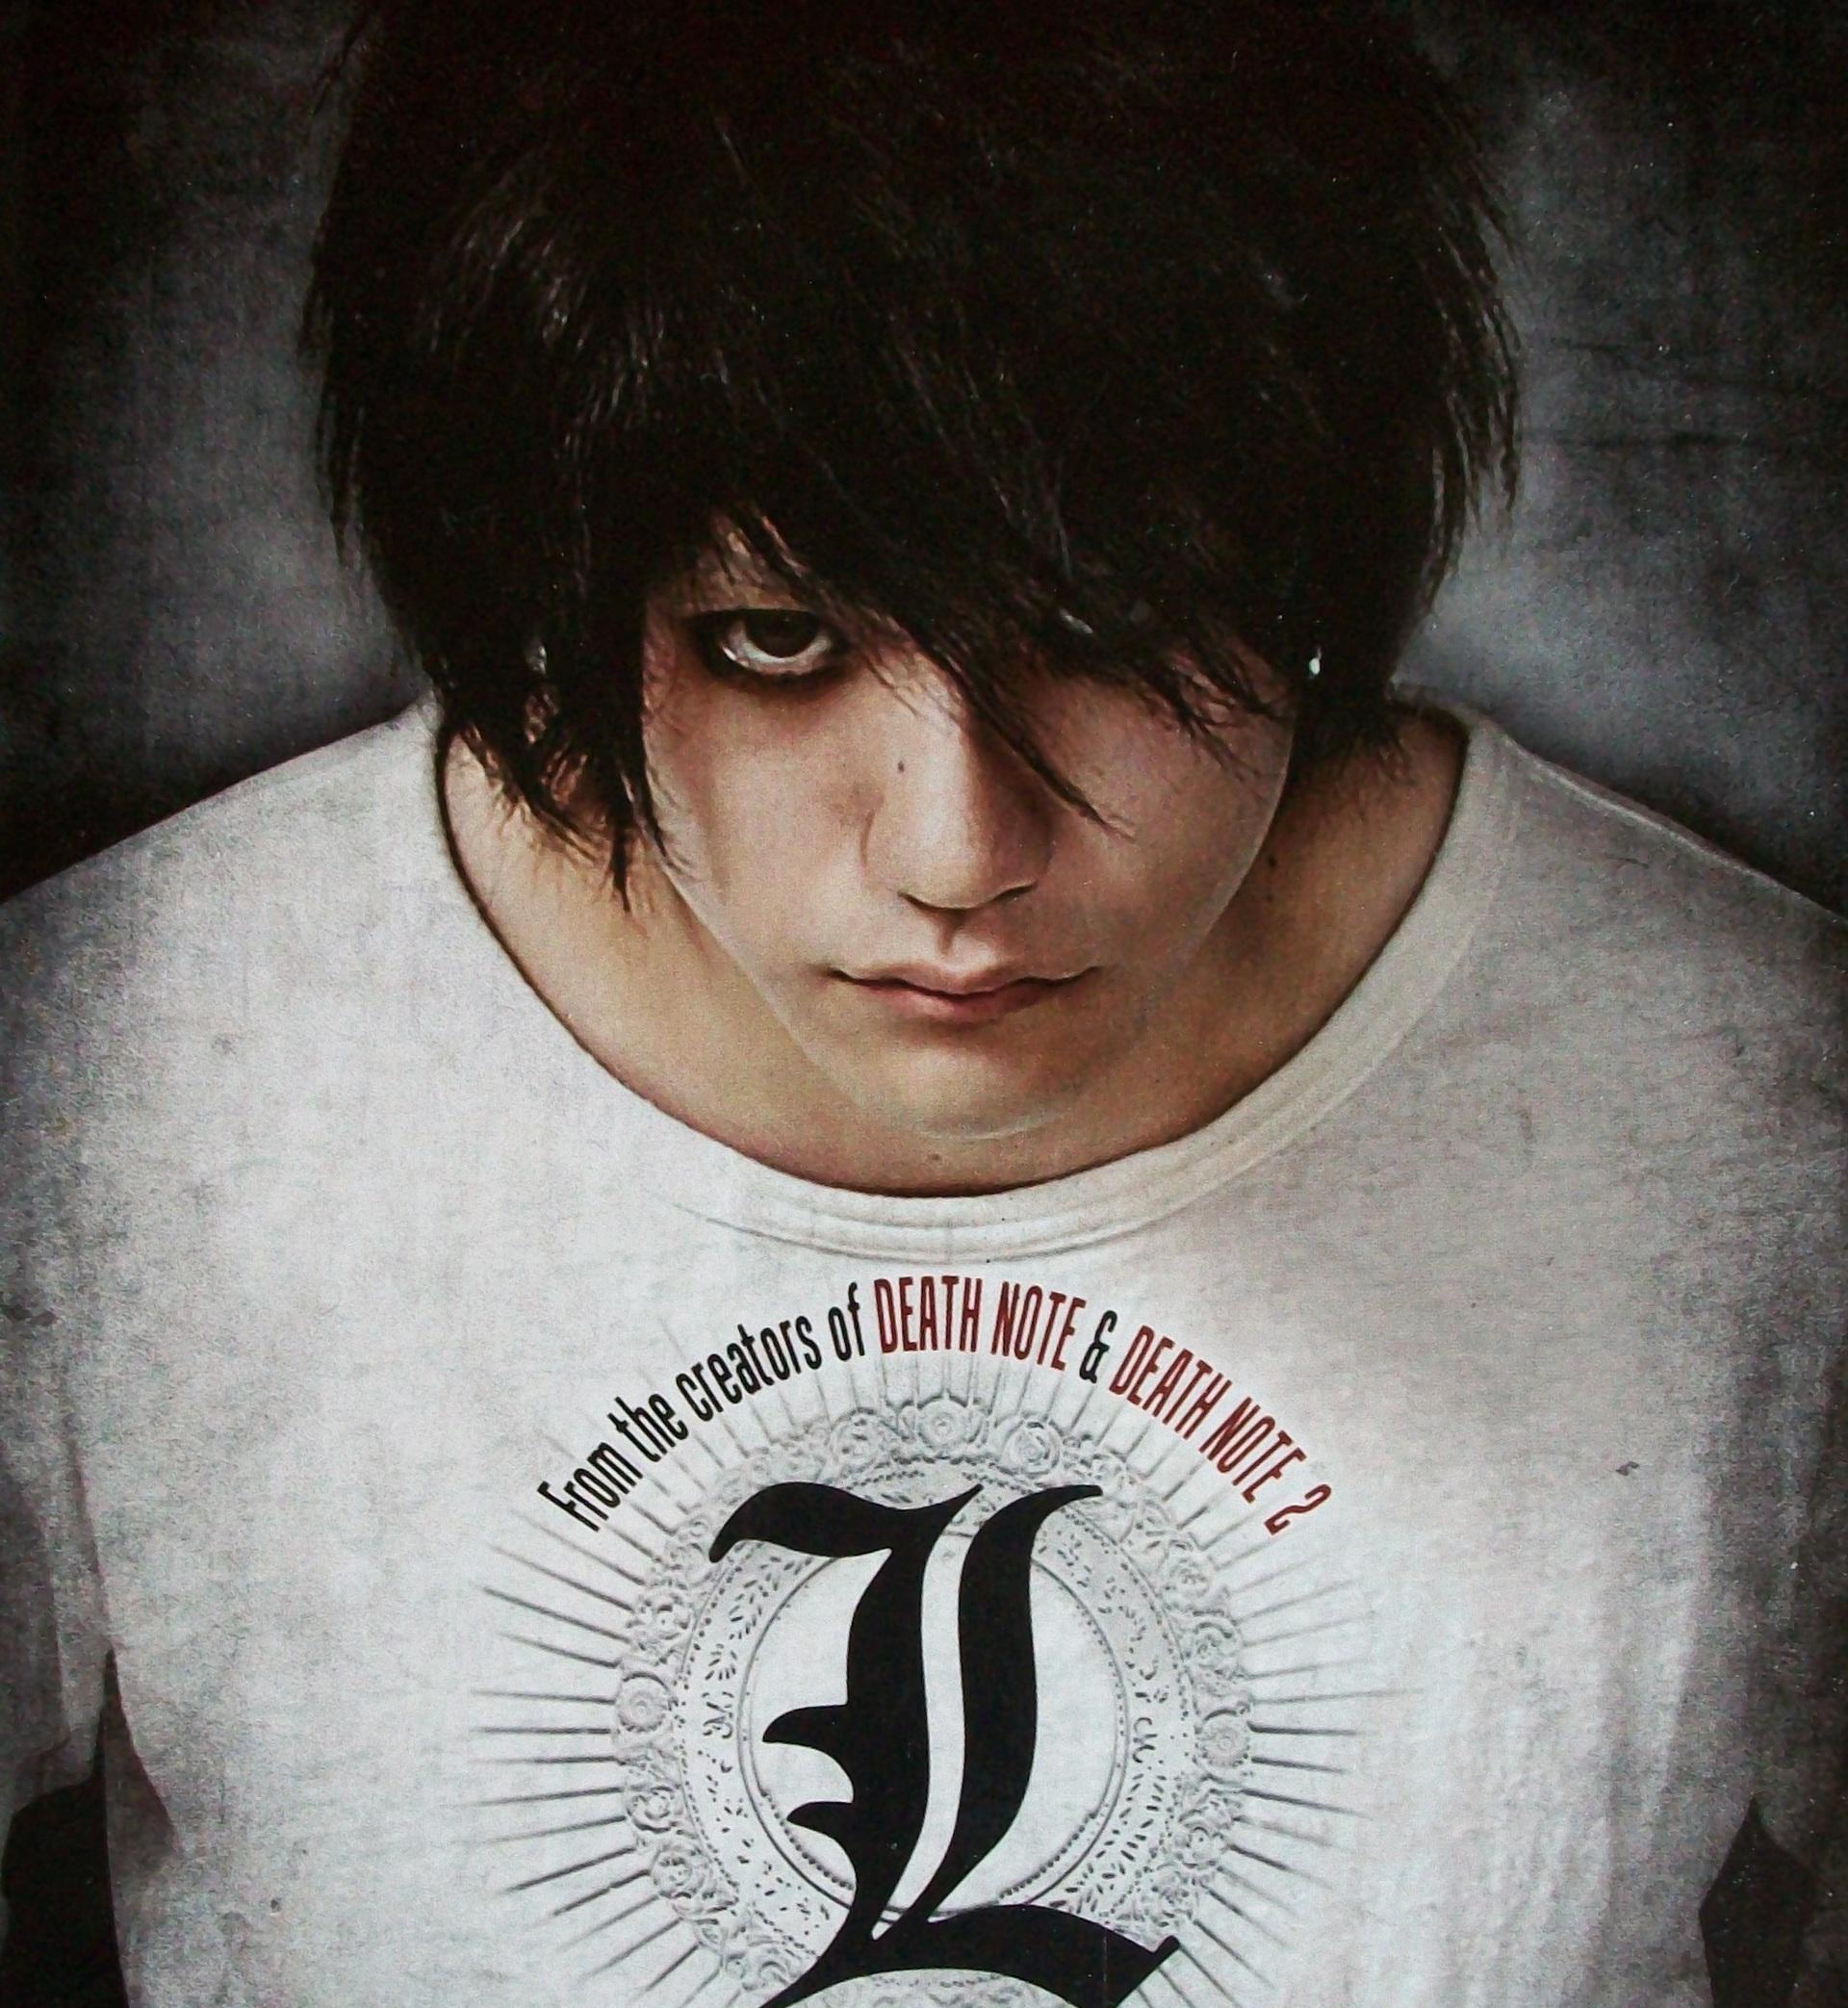 Lawliet L hay còn được gọi tắt là L, là một trong hai nhân vật trung tâm của siêu phẩm điện ảnh Nhật Bản - Death note - phát hành năm 2006, ...